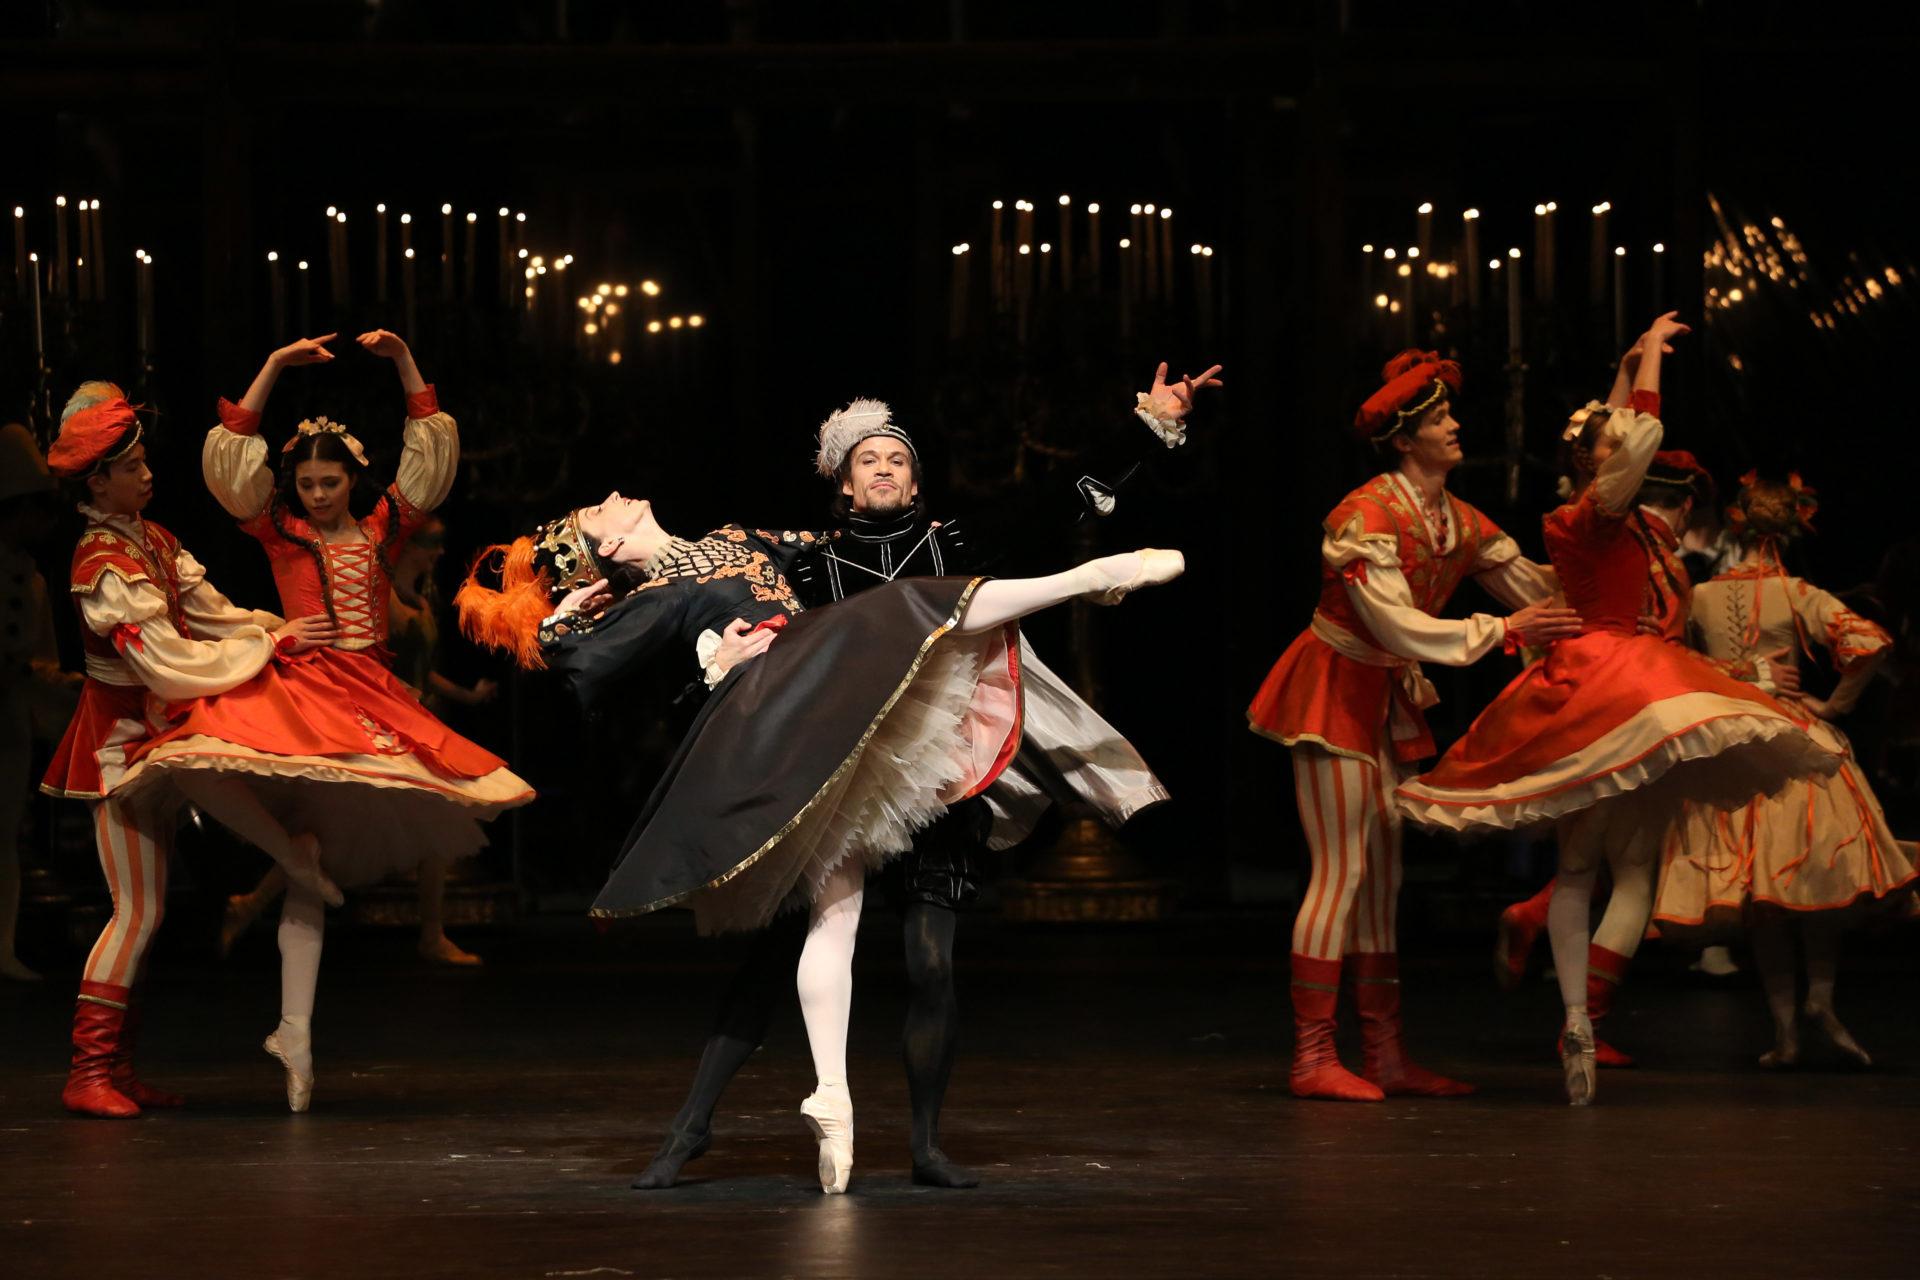 1804_Illusionen_wie_Schwanensee_HH_Ballett_AnjaBeutler.de_11